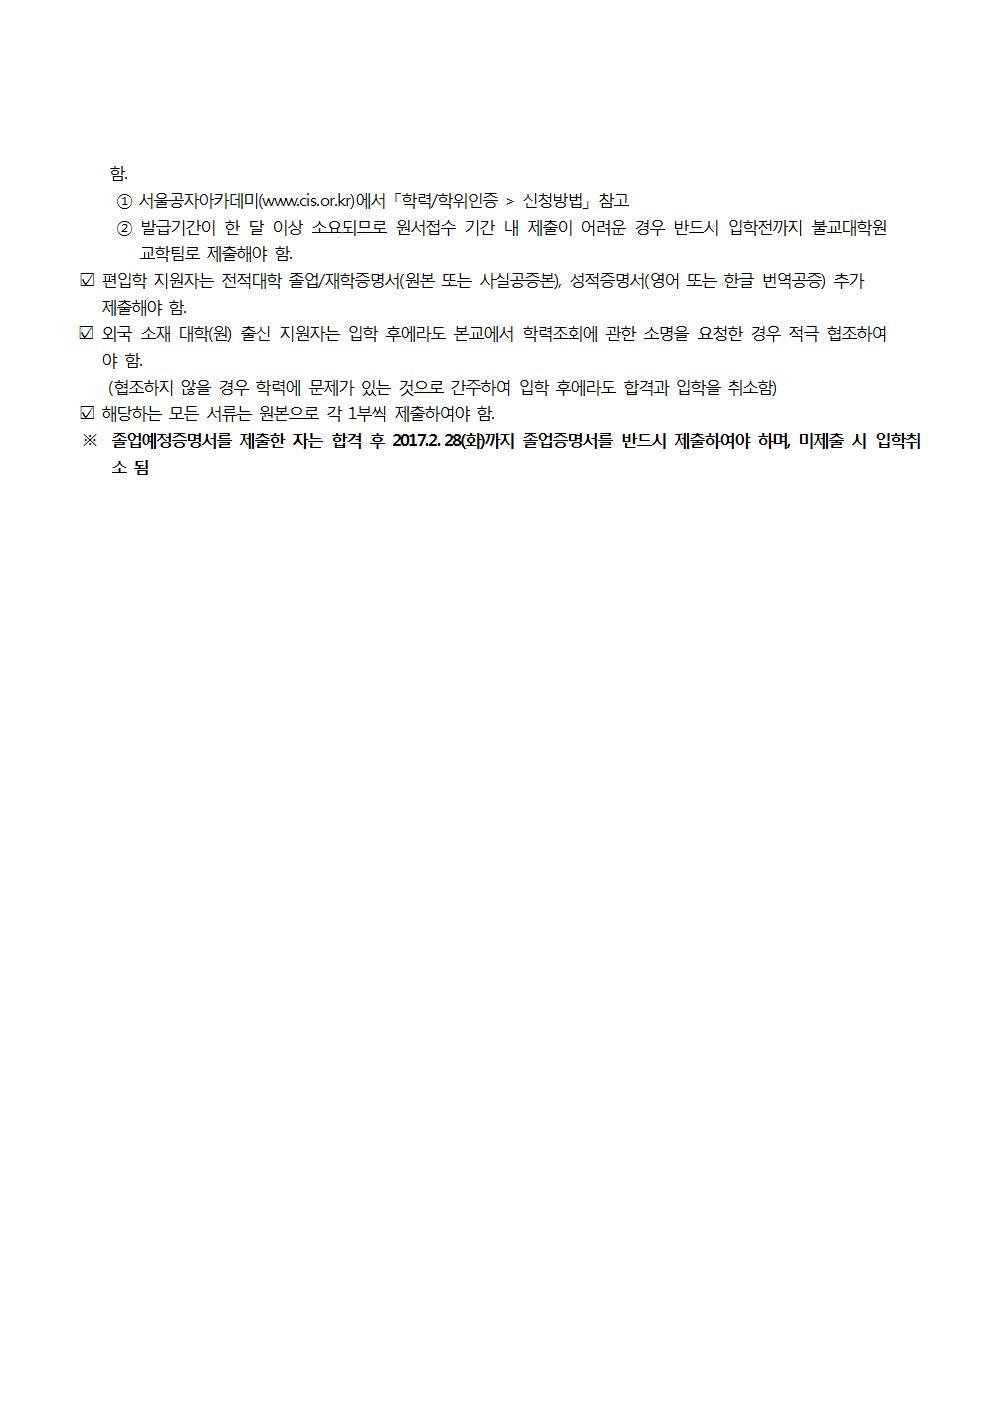 (홈페이지 게시용) 불교대학원 2017학년도 전기 신입생 3차모집 요강004